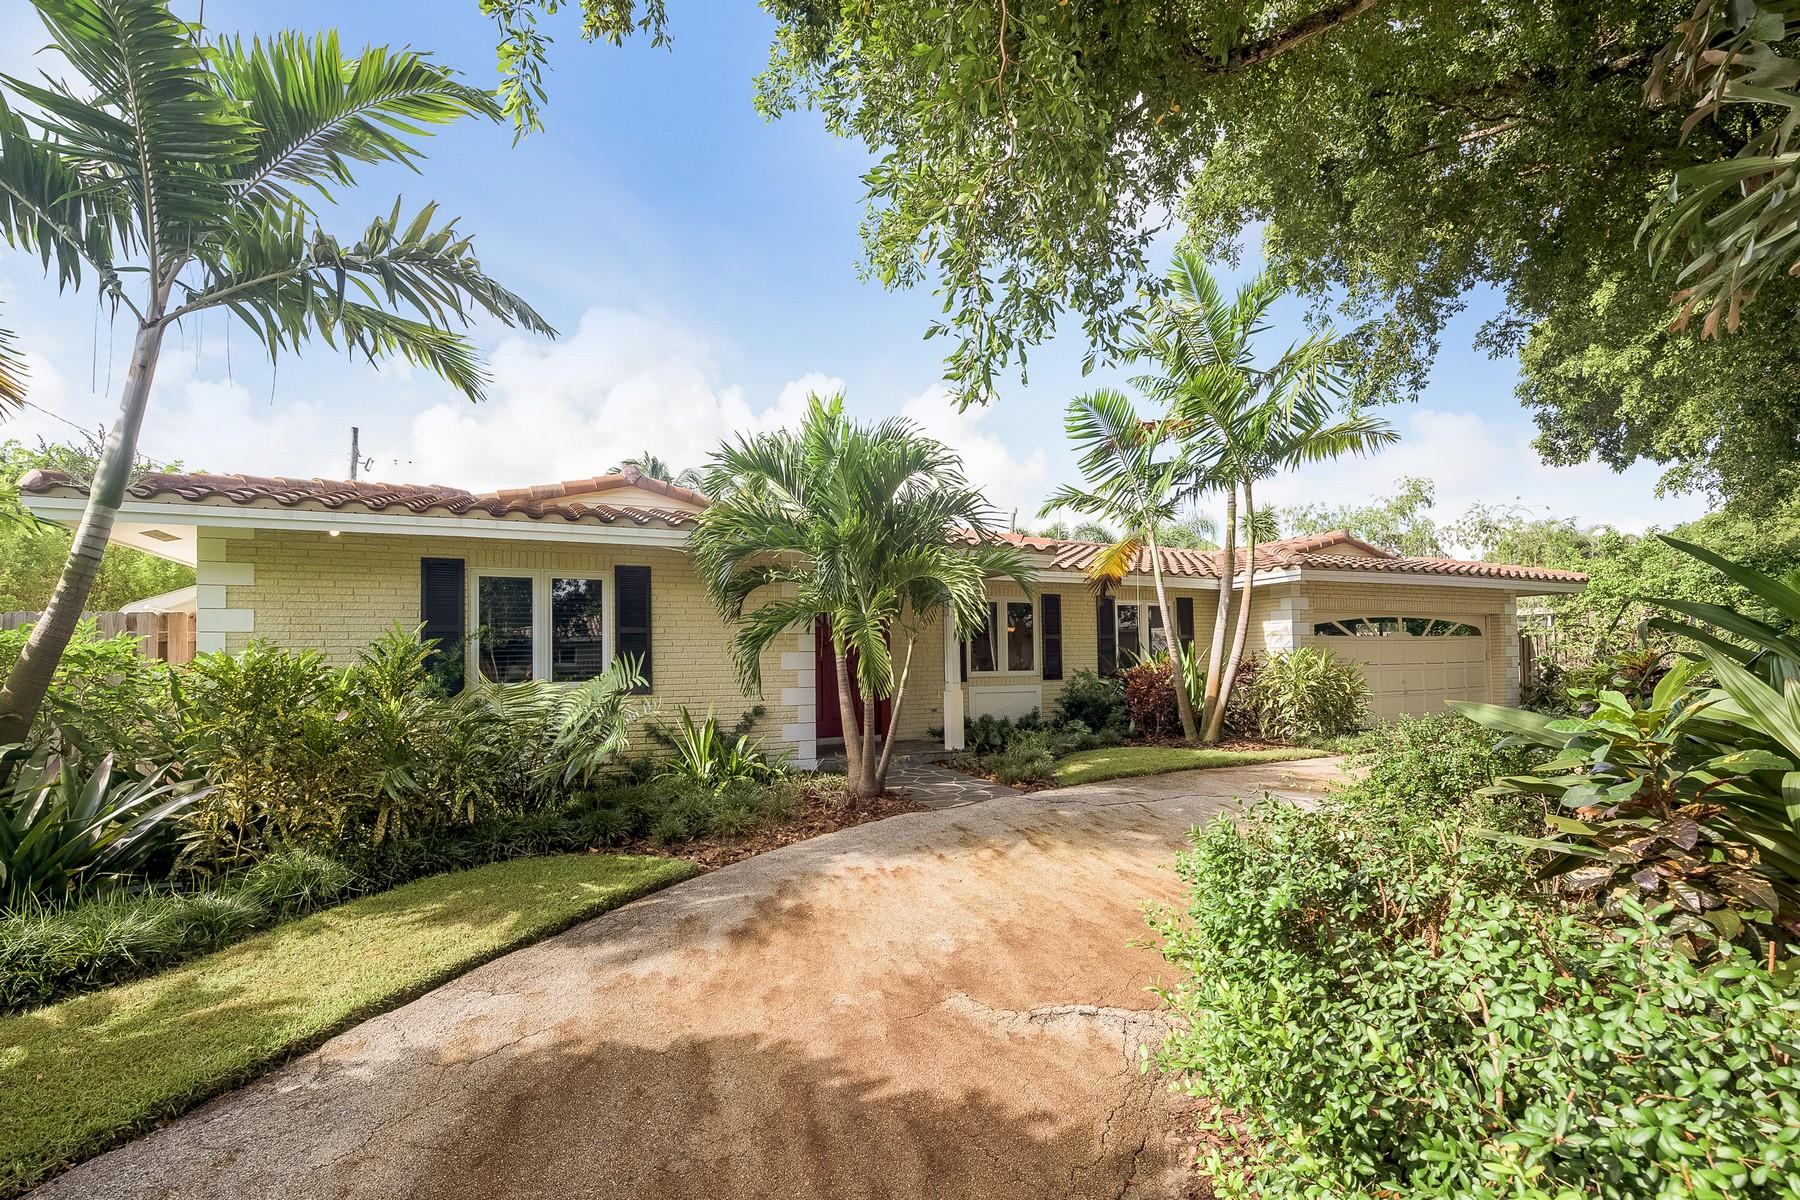 Maison unifamiliale pour l Vente à 2120 NE 44TH ST Fort Lauderdale, Florida 33308 États-Unis